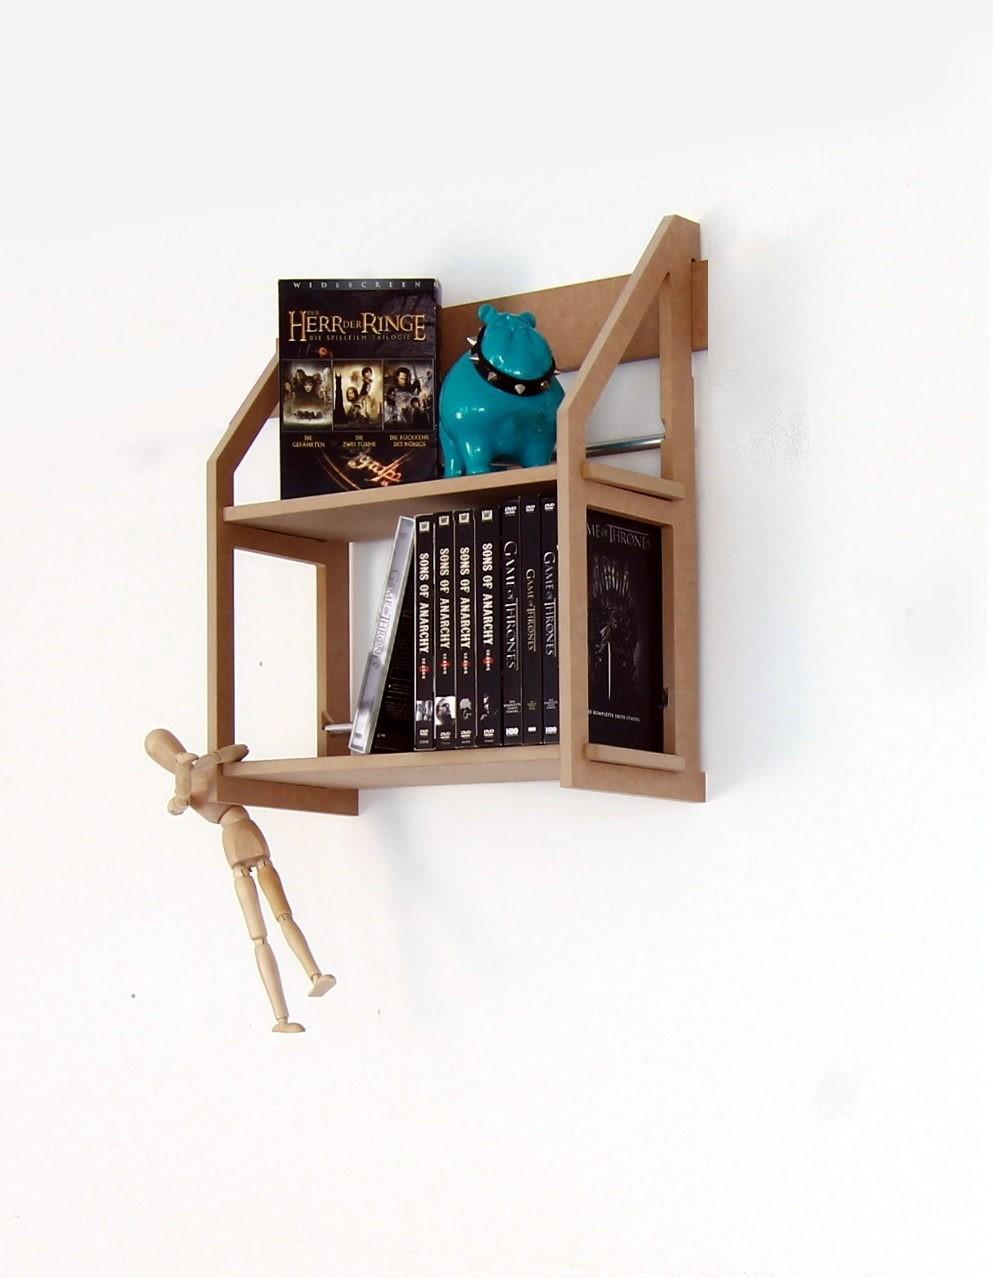 dvd wandregal mit 2 b den f r 52 dvd. Black Bedroom Furniture Sets. Home Design Ideas